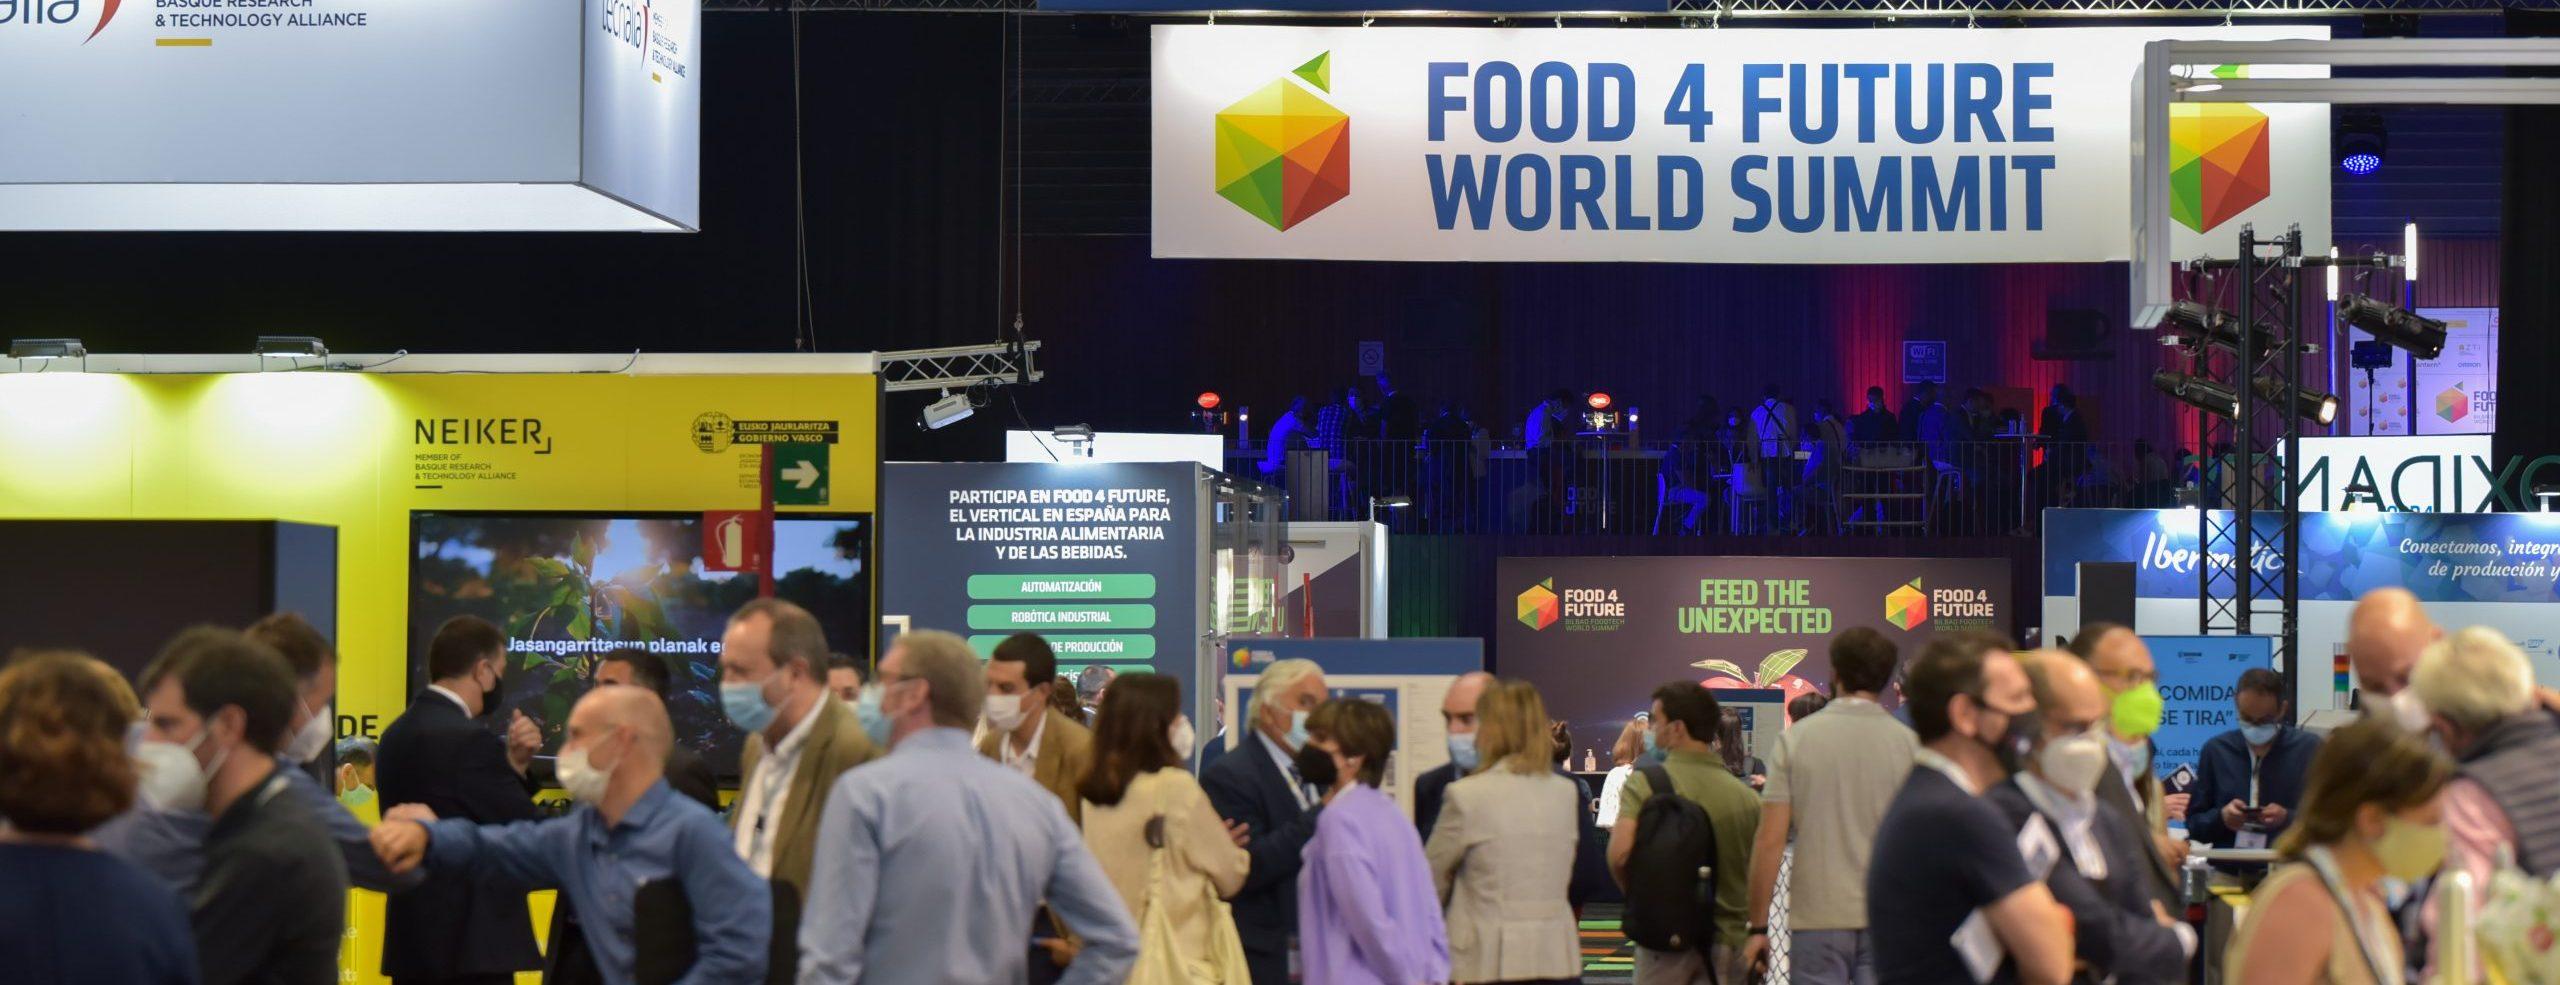 Food 4 Future clausura con 5.417 visitantes y sienta las bases del futuro de la industria alimentaria